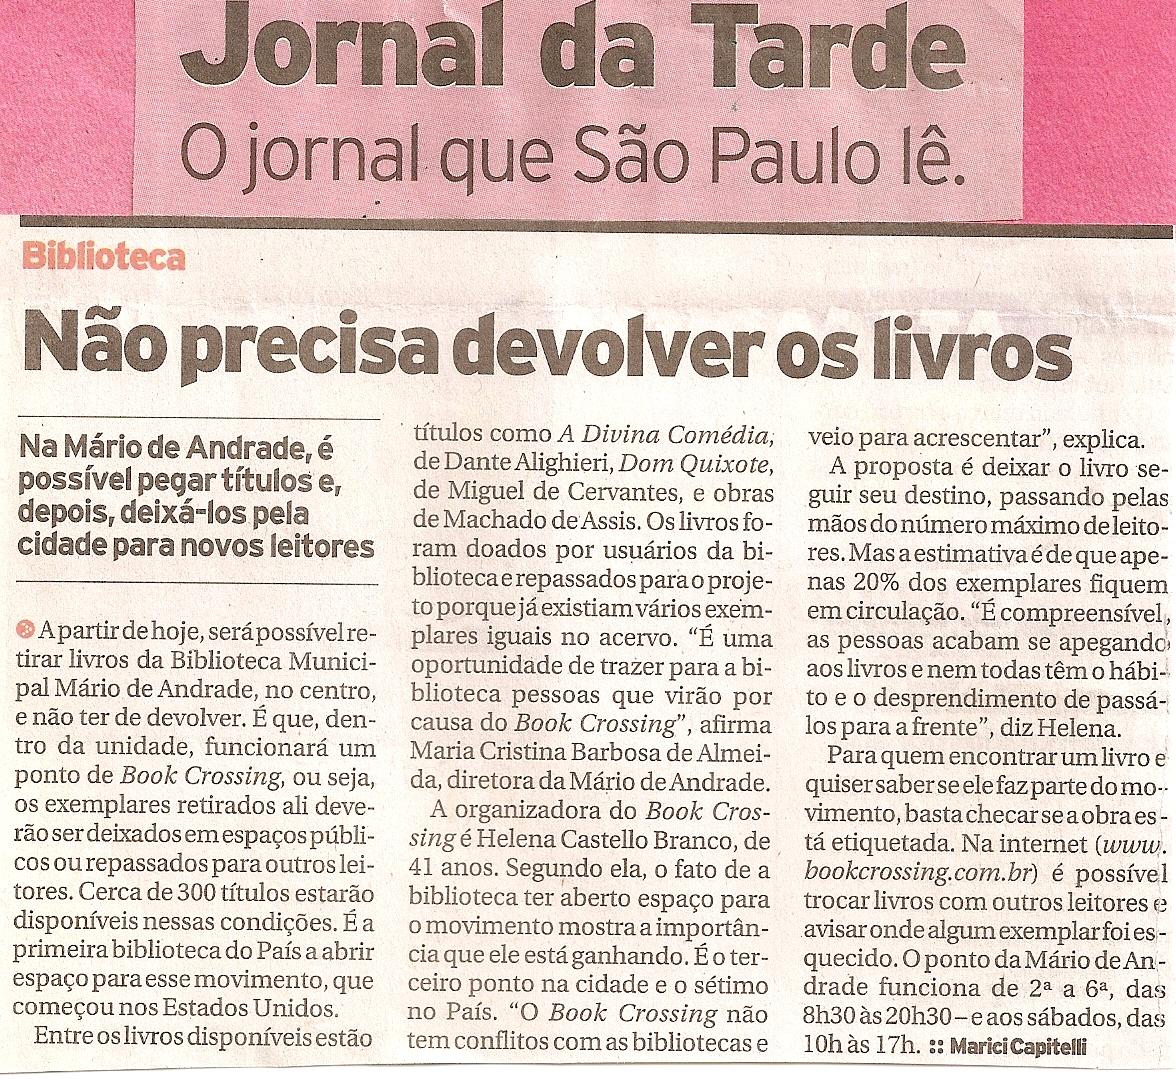 Jornal-da-Tarde-10.2010